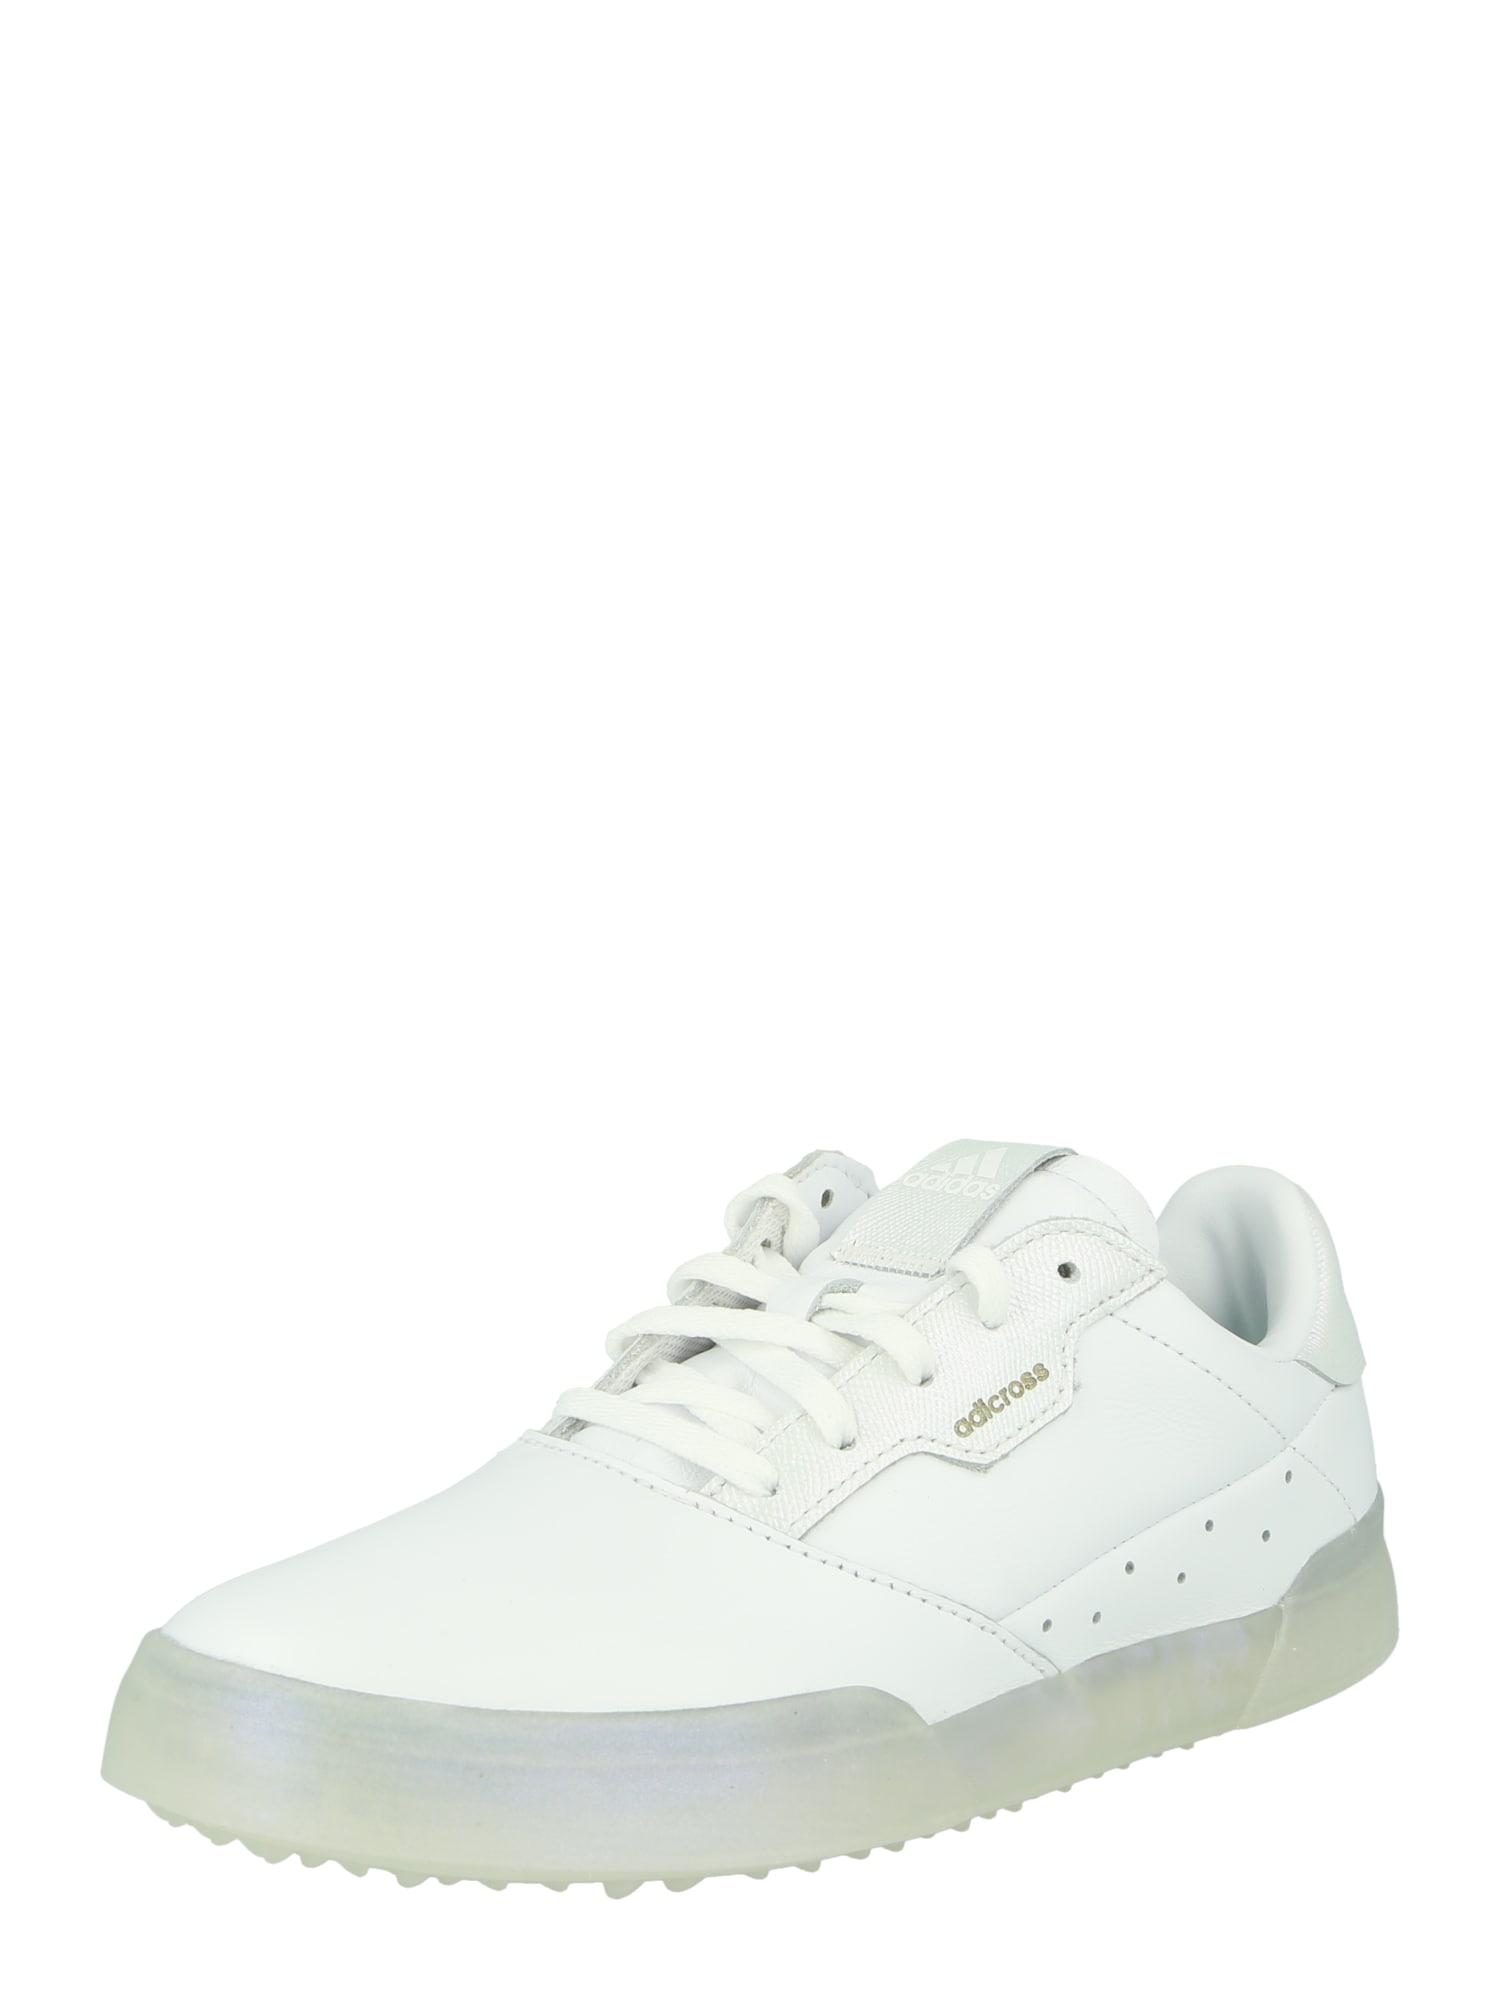 adidas Golf Sportiniai batai 'Retro' balta